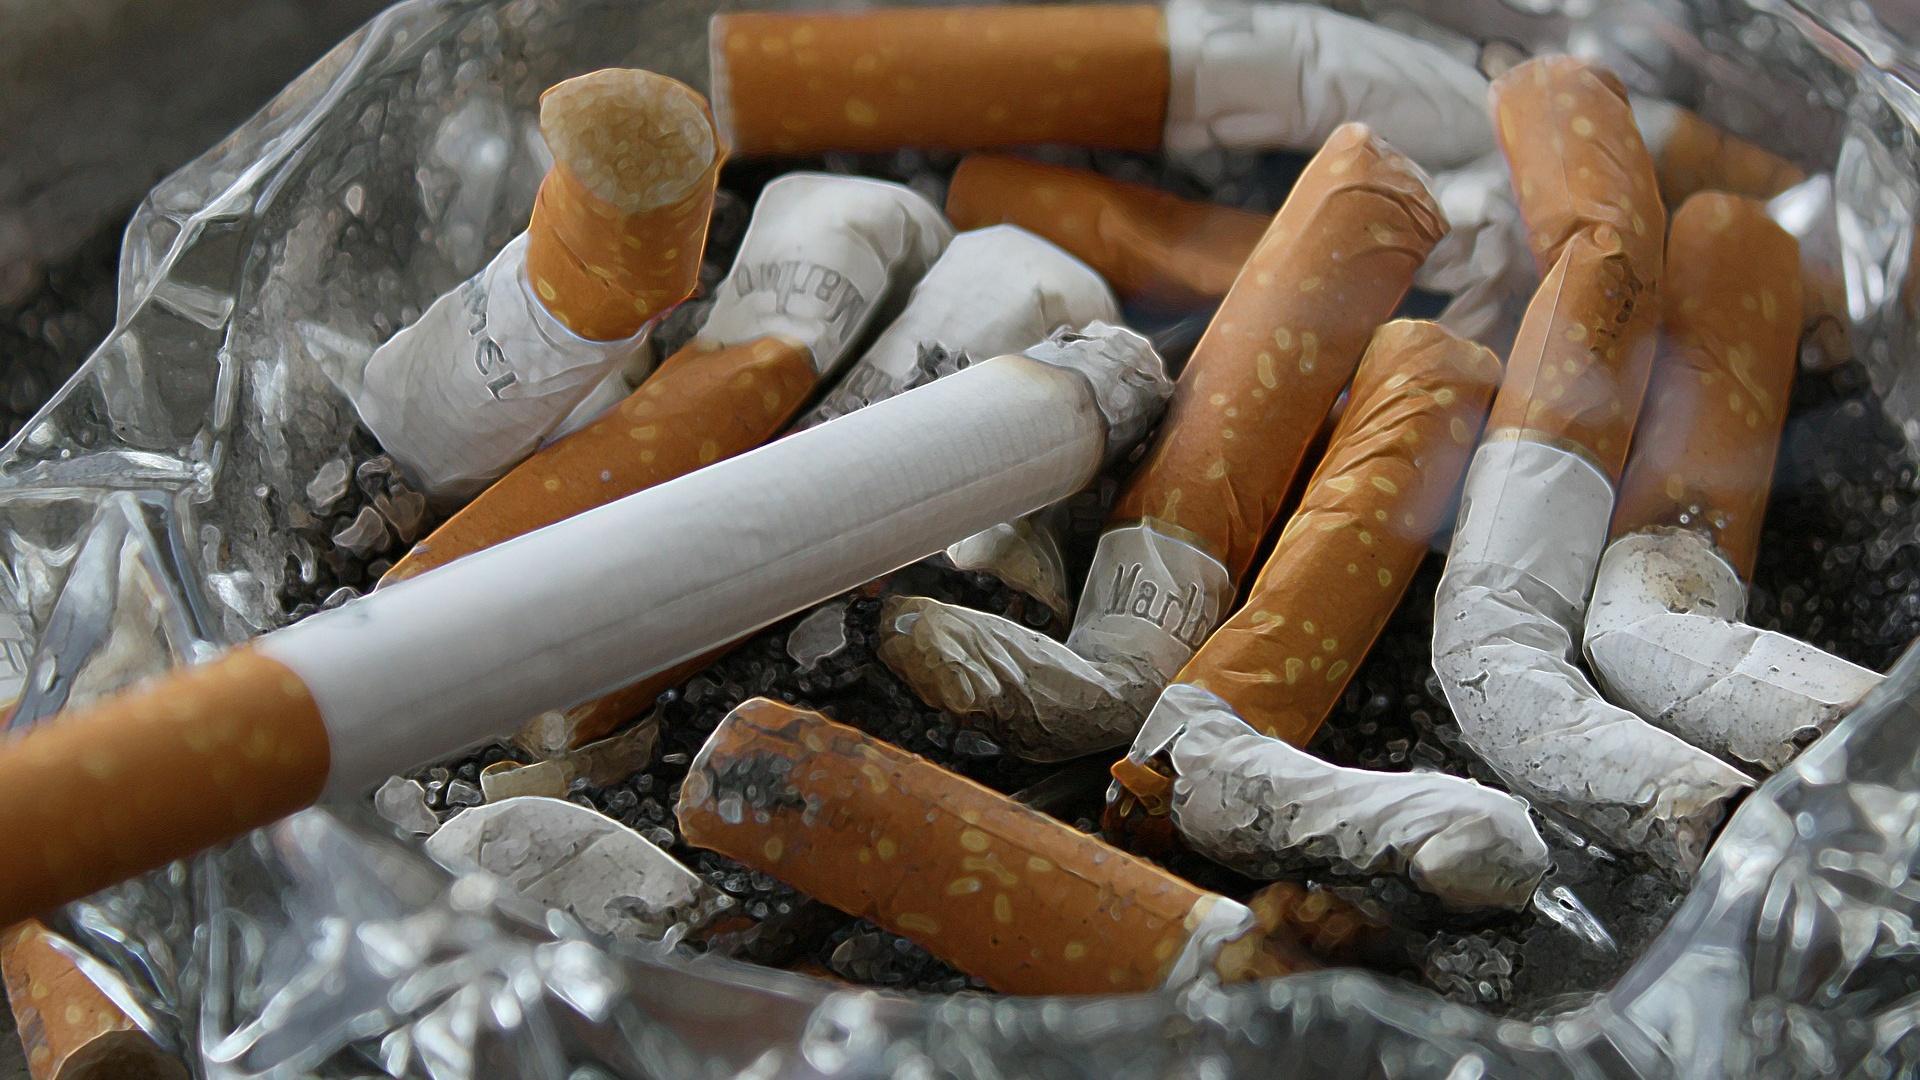 Rauchen nach Weisheitszahn-OP: Das sollten Sie beachten